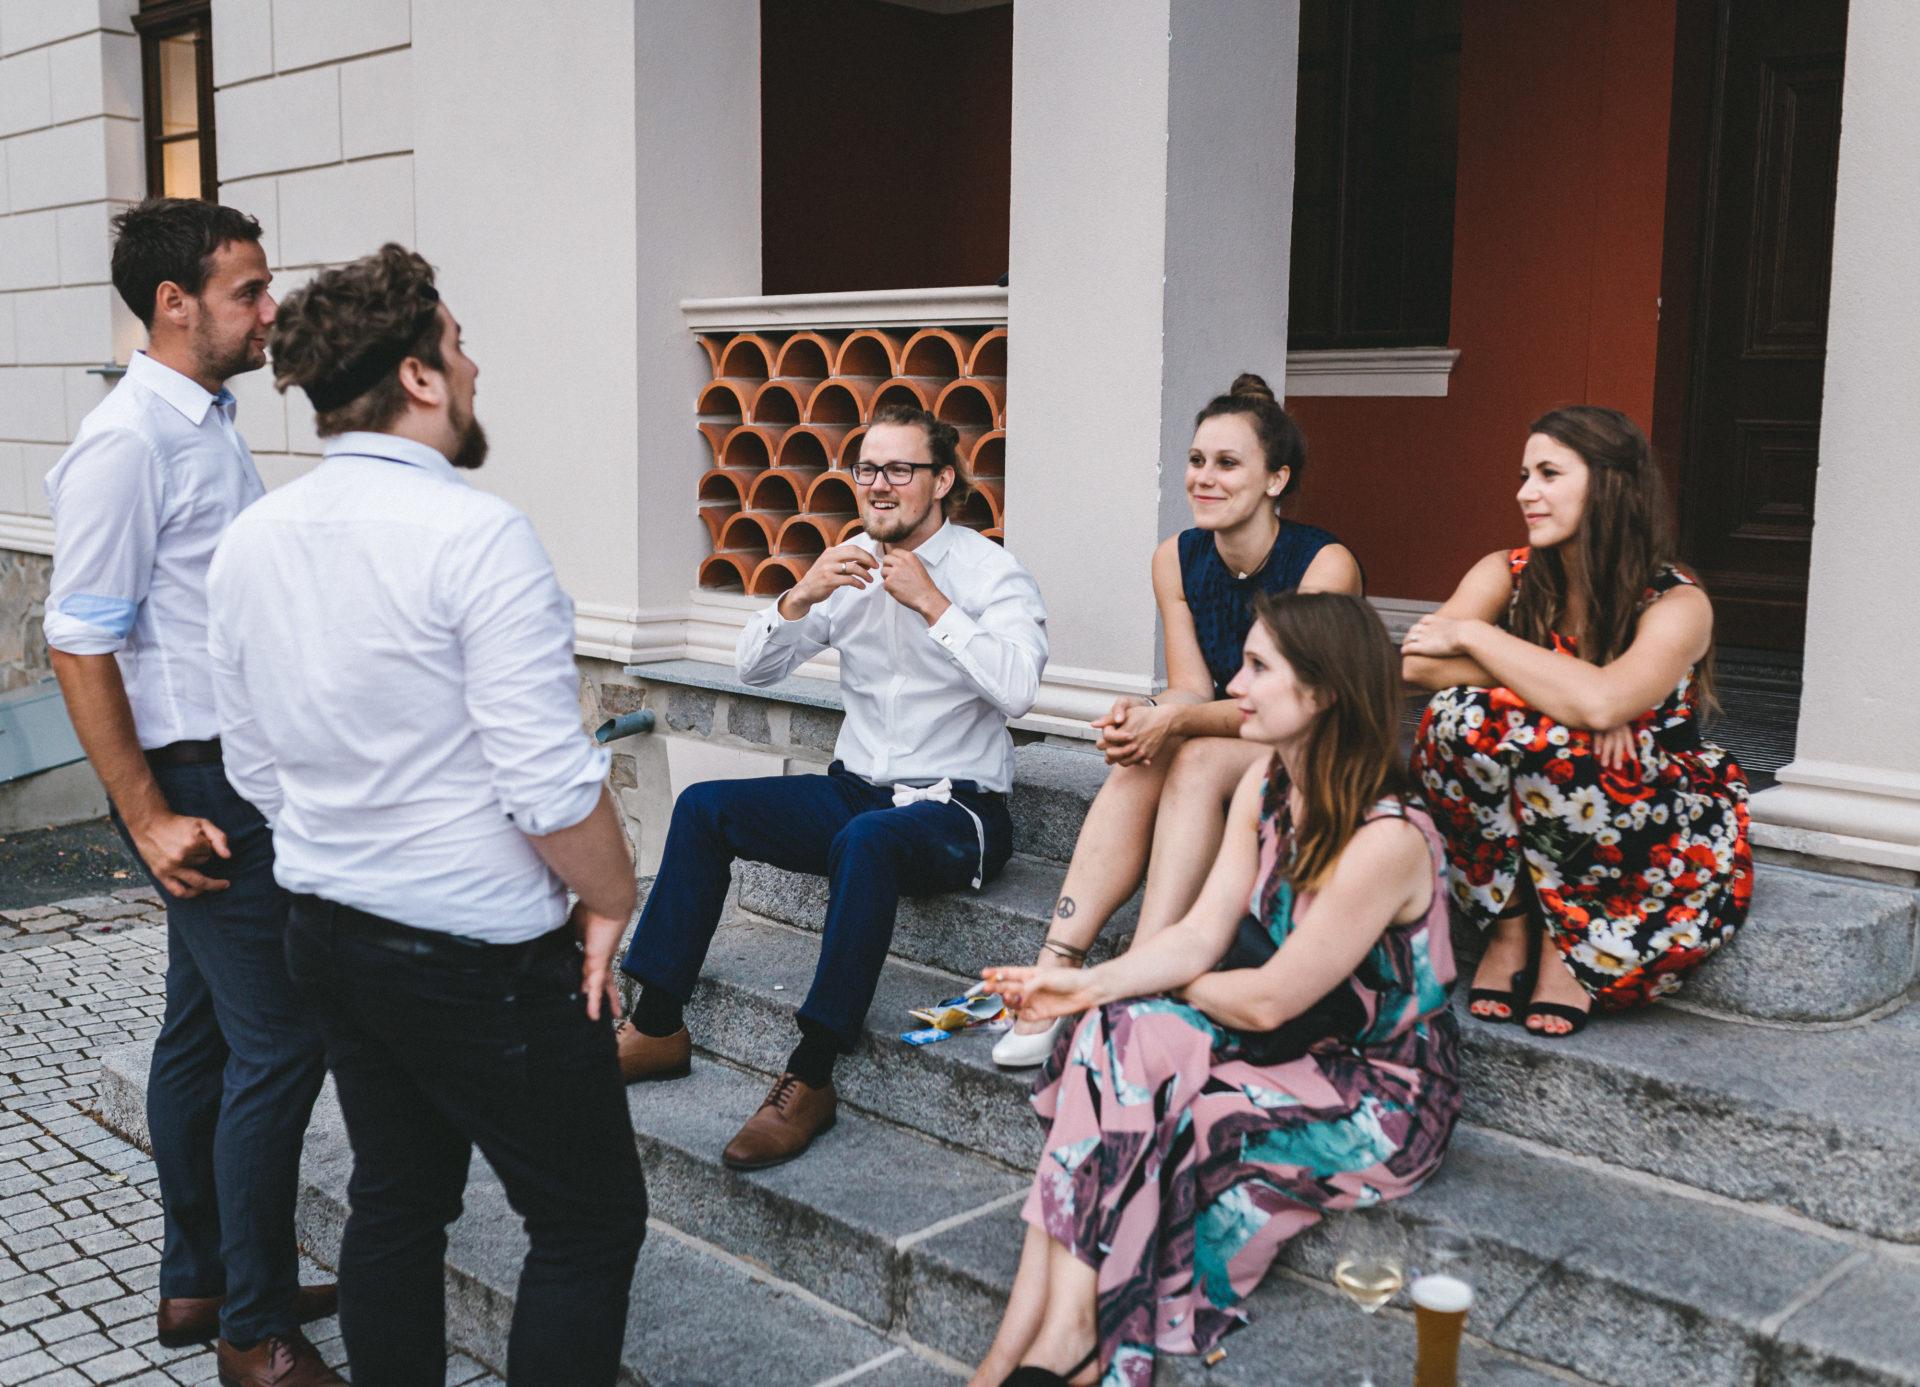 Hochzeitsreportage | Freie Trauung im Herrenhaus Möckern in Leipzig | 46